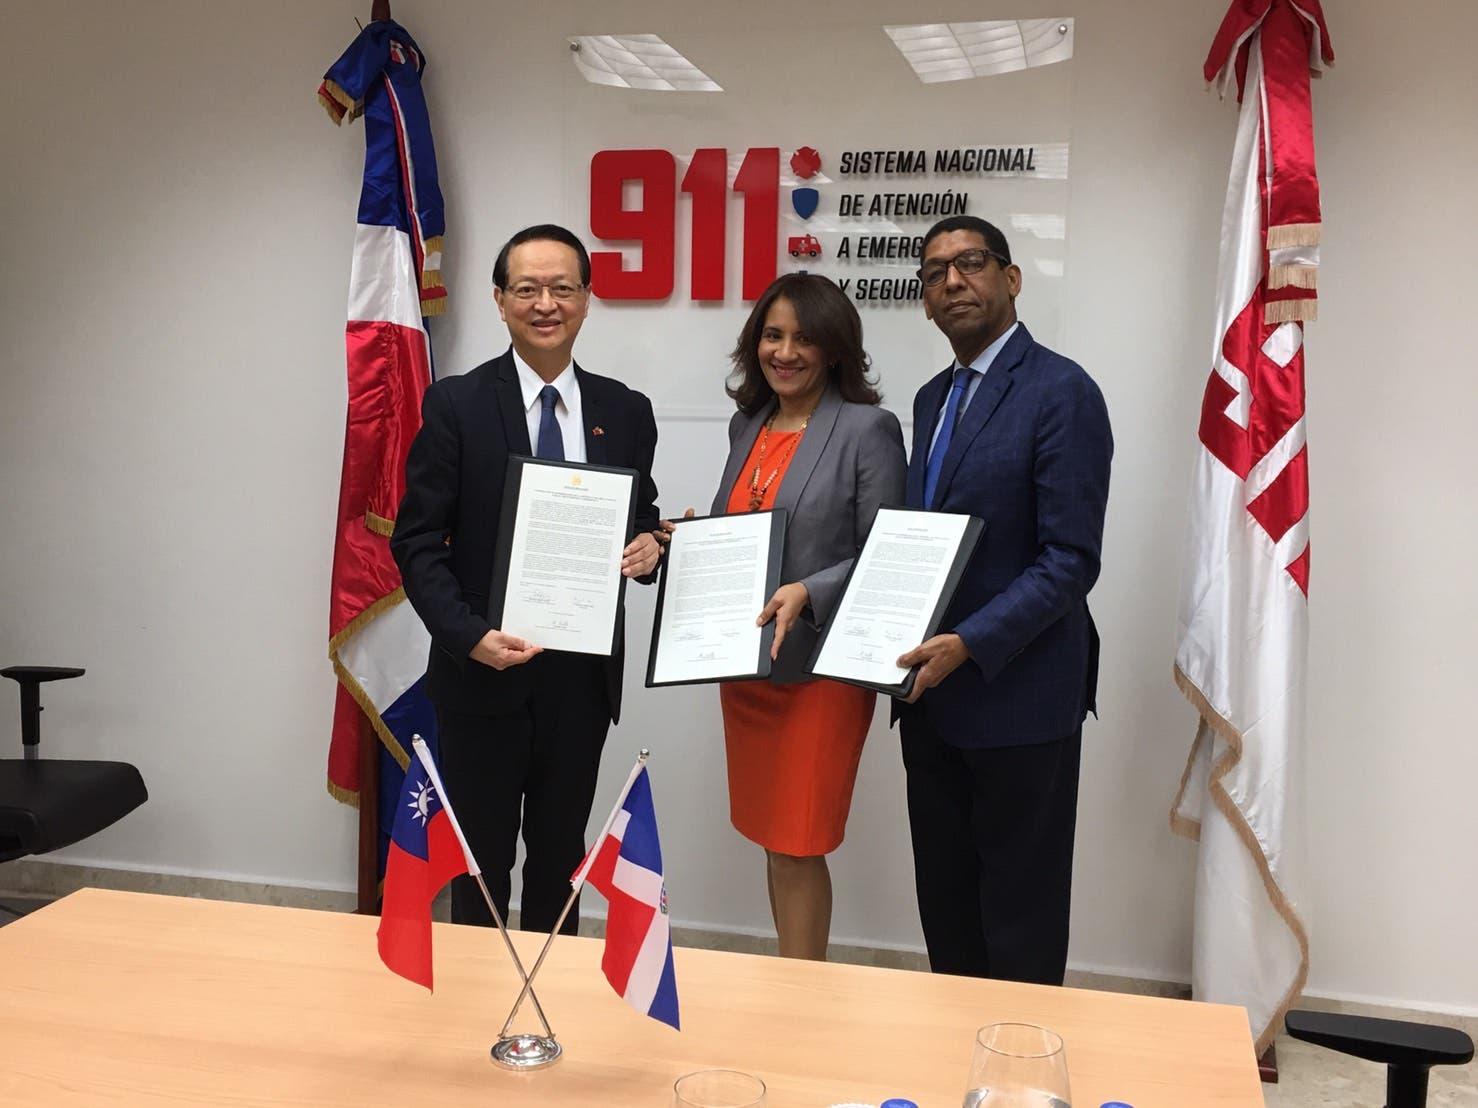 Taiwán entrega fondos para expandir 911 en zona norte